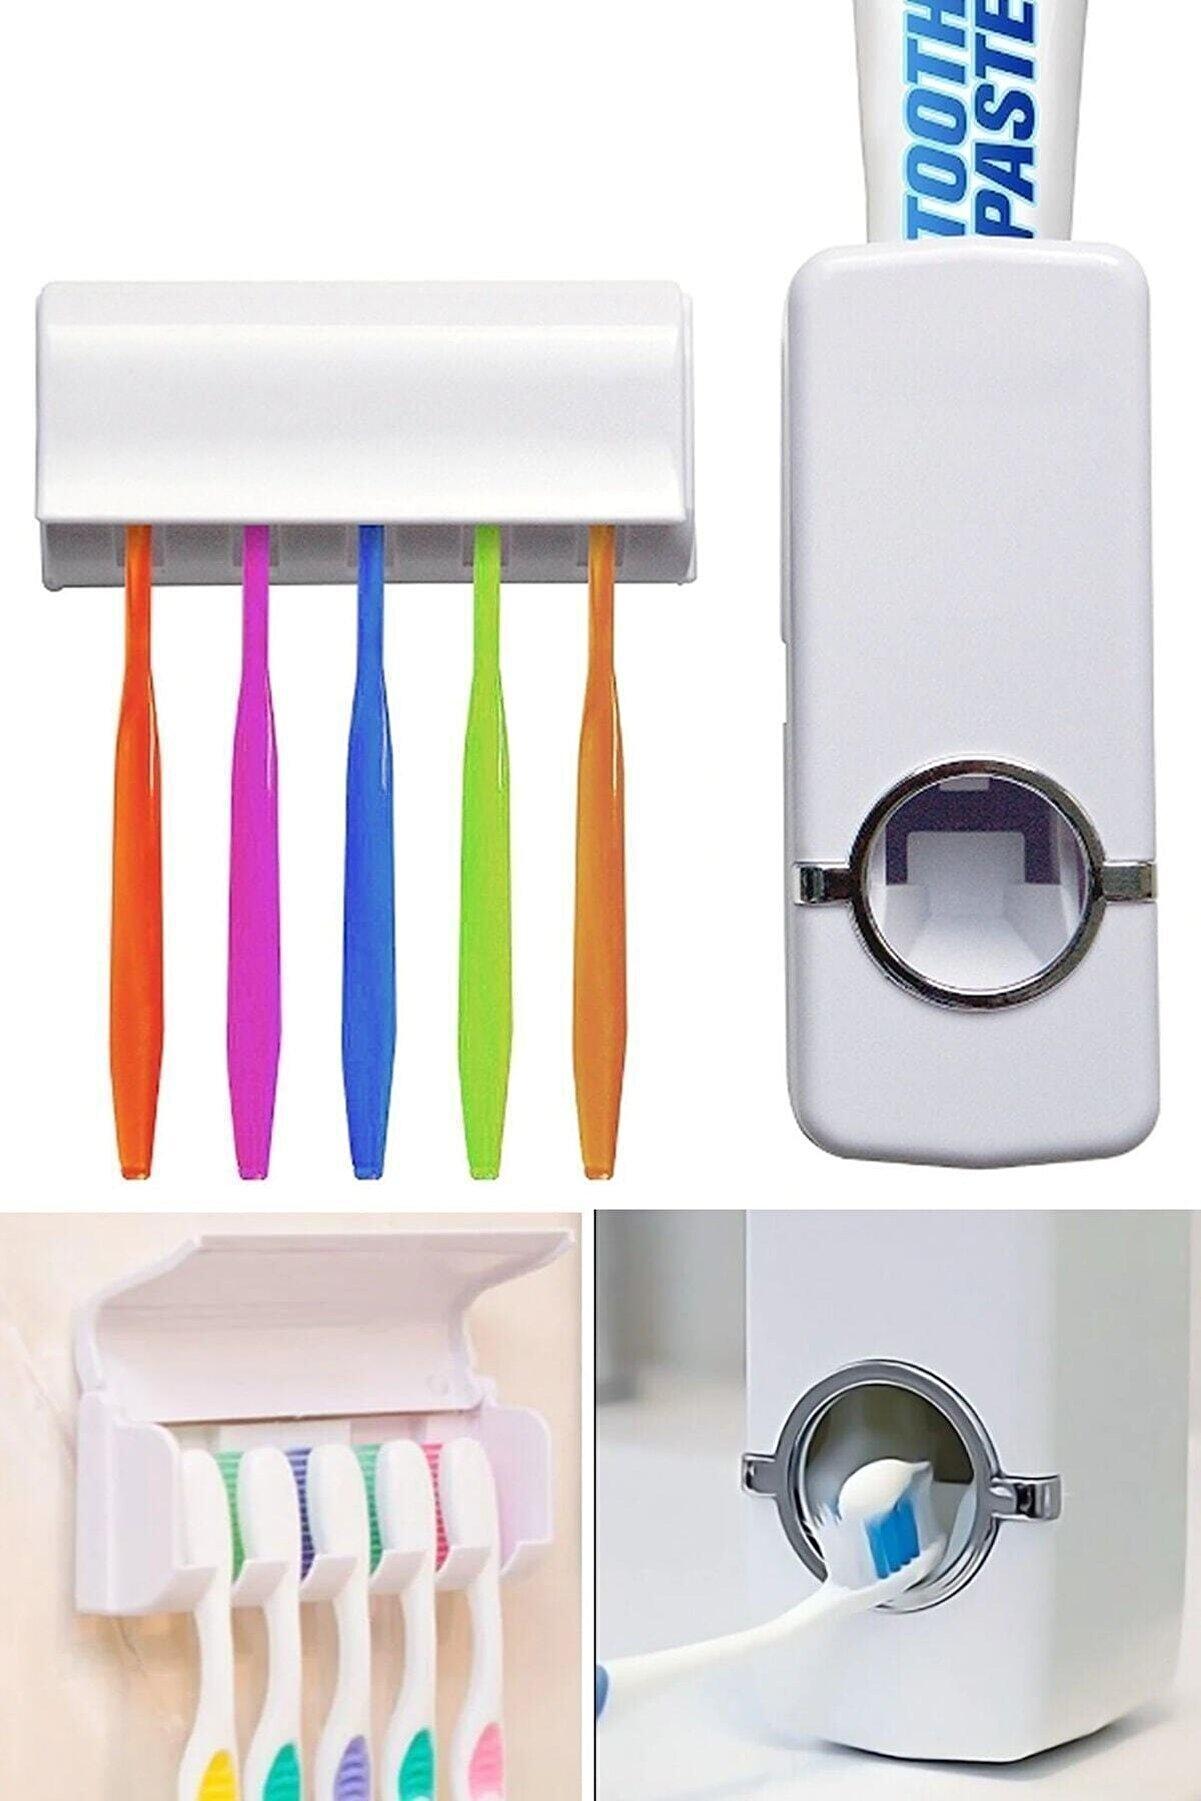 UzayKonsept Otomatik Diş Macunu Sıkacağı Ve 5'li Diş Fırçalığı